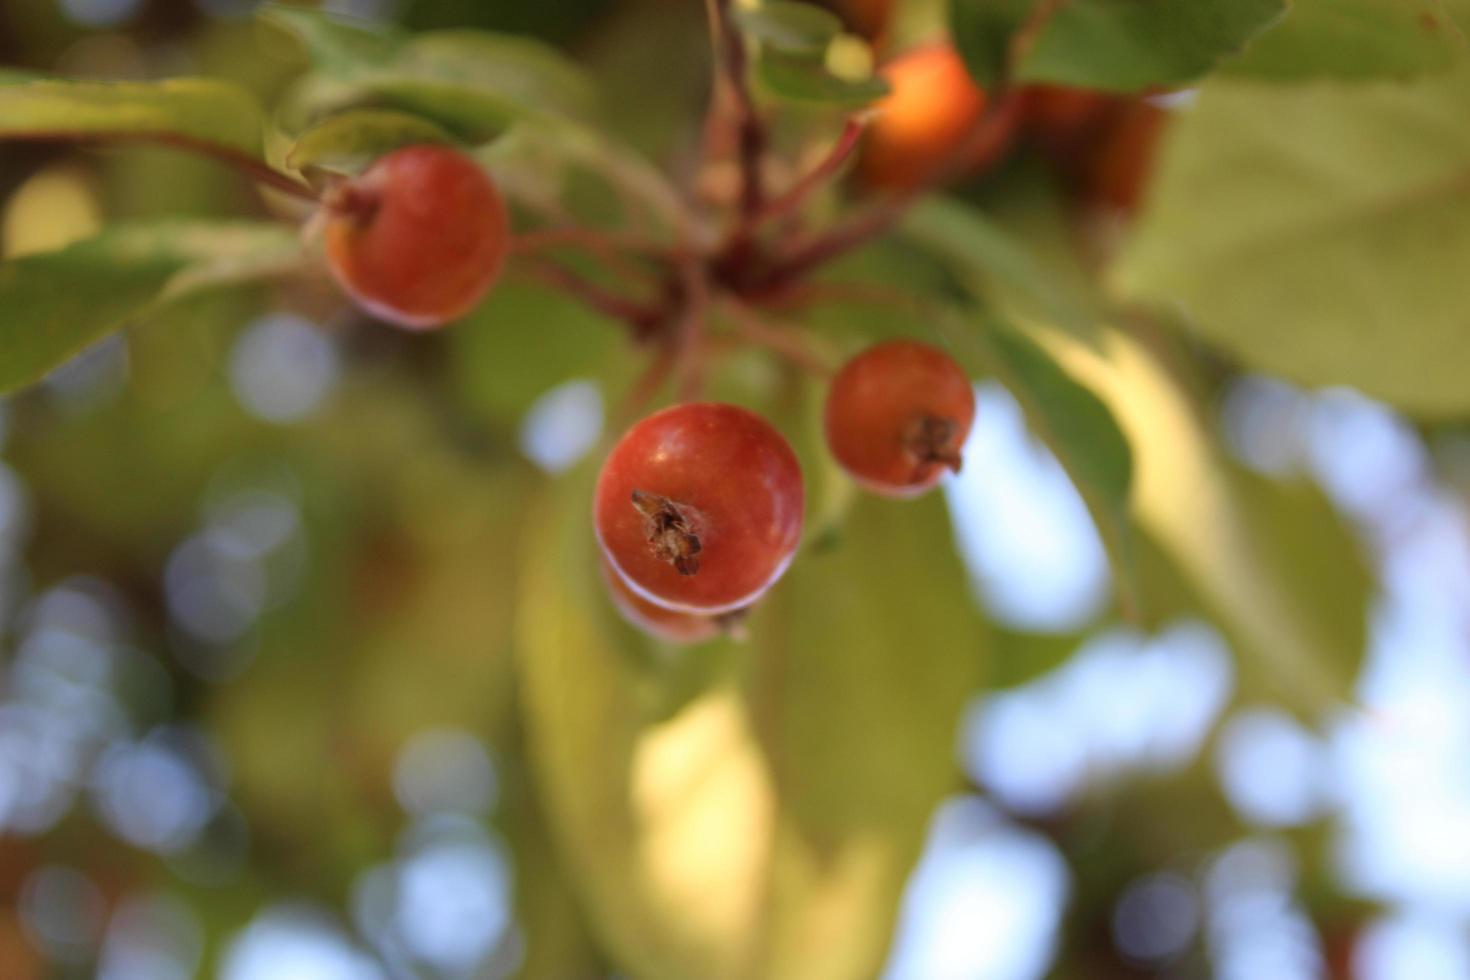 Frutos de manzano silvestre con detalles macro foto